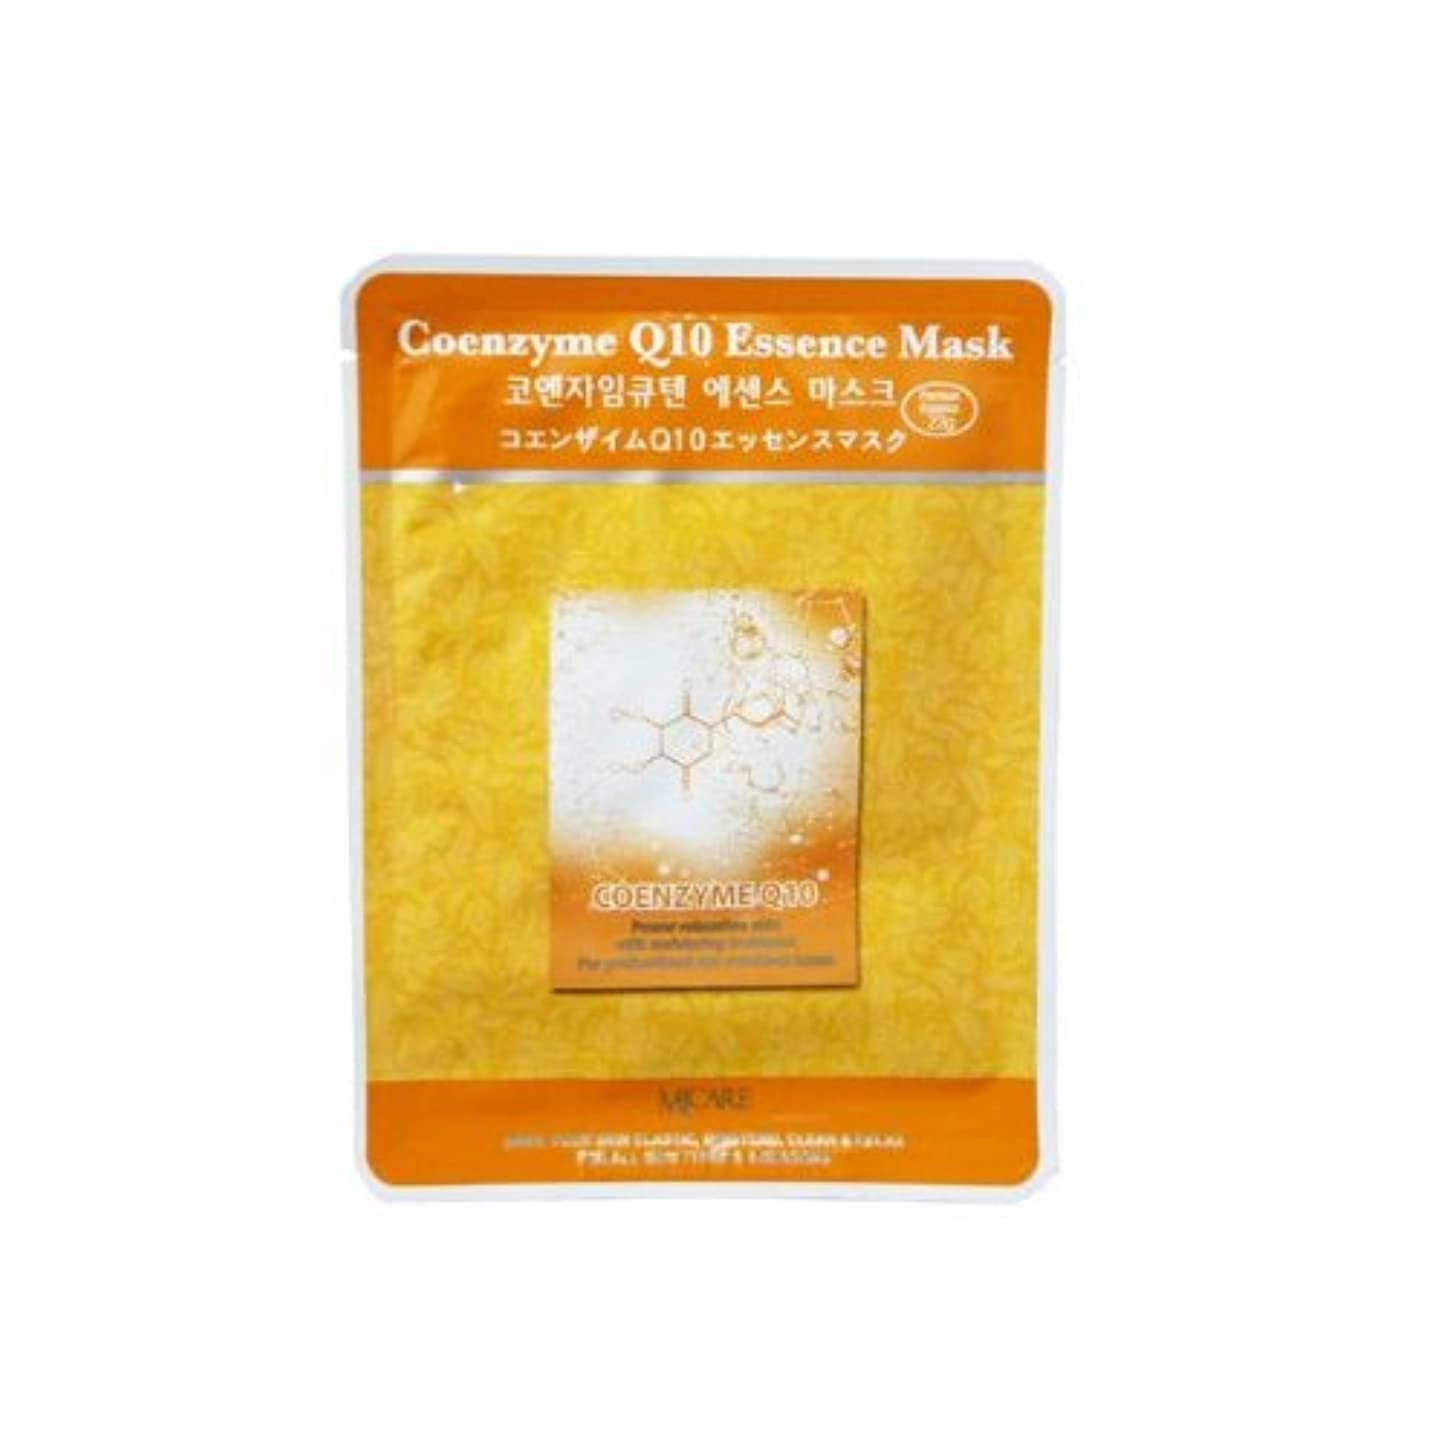 かる国家痛みMJ-CAREエッセンスマスク Q10 10枚セット